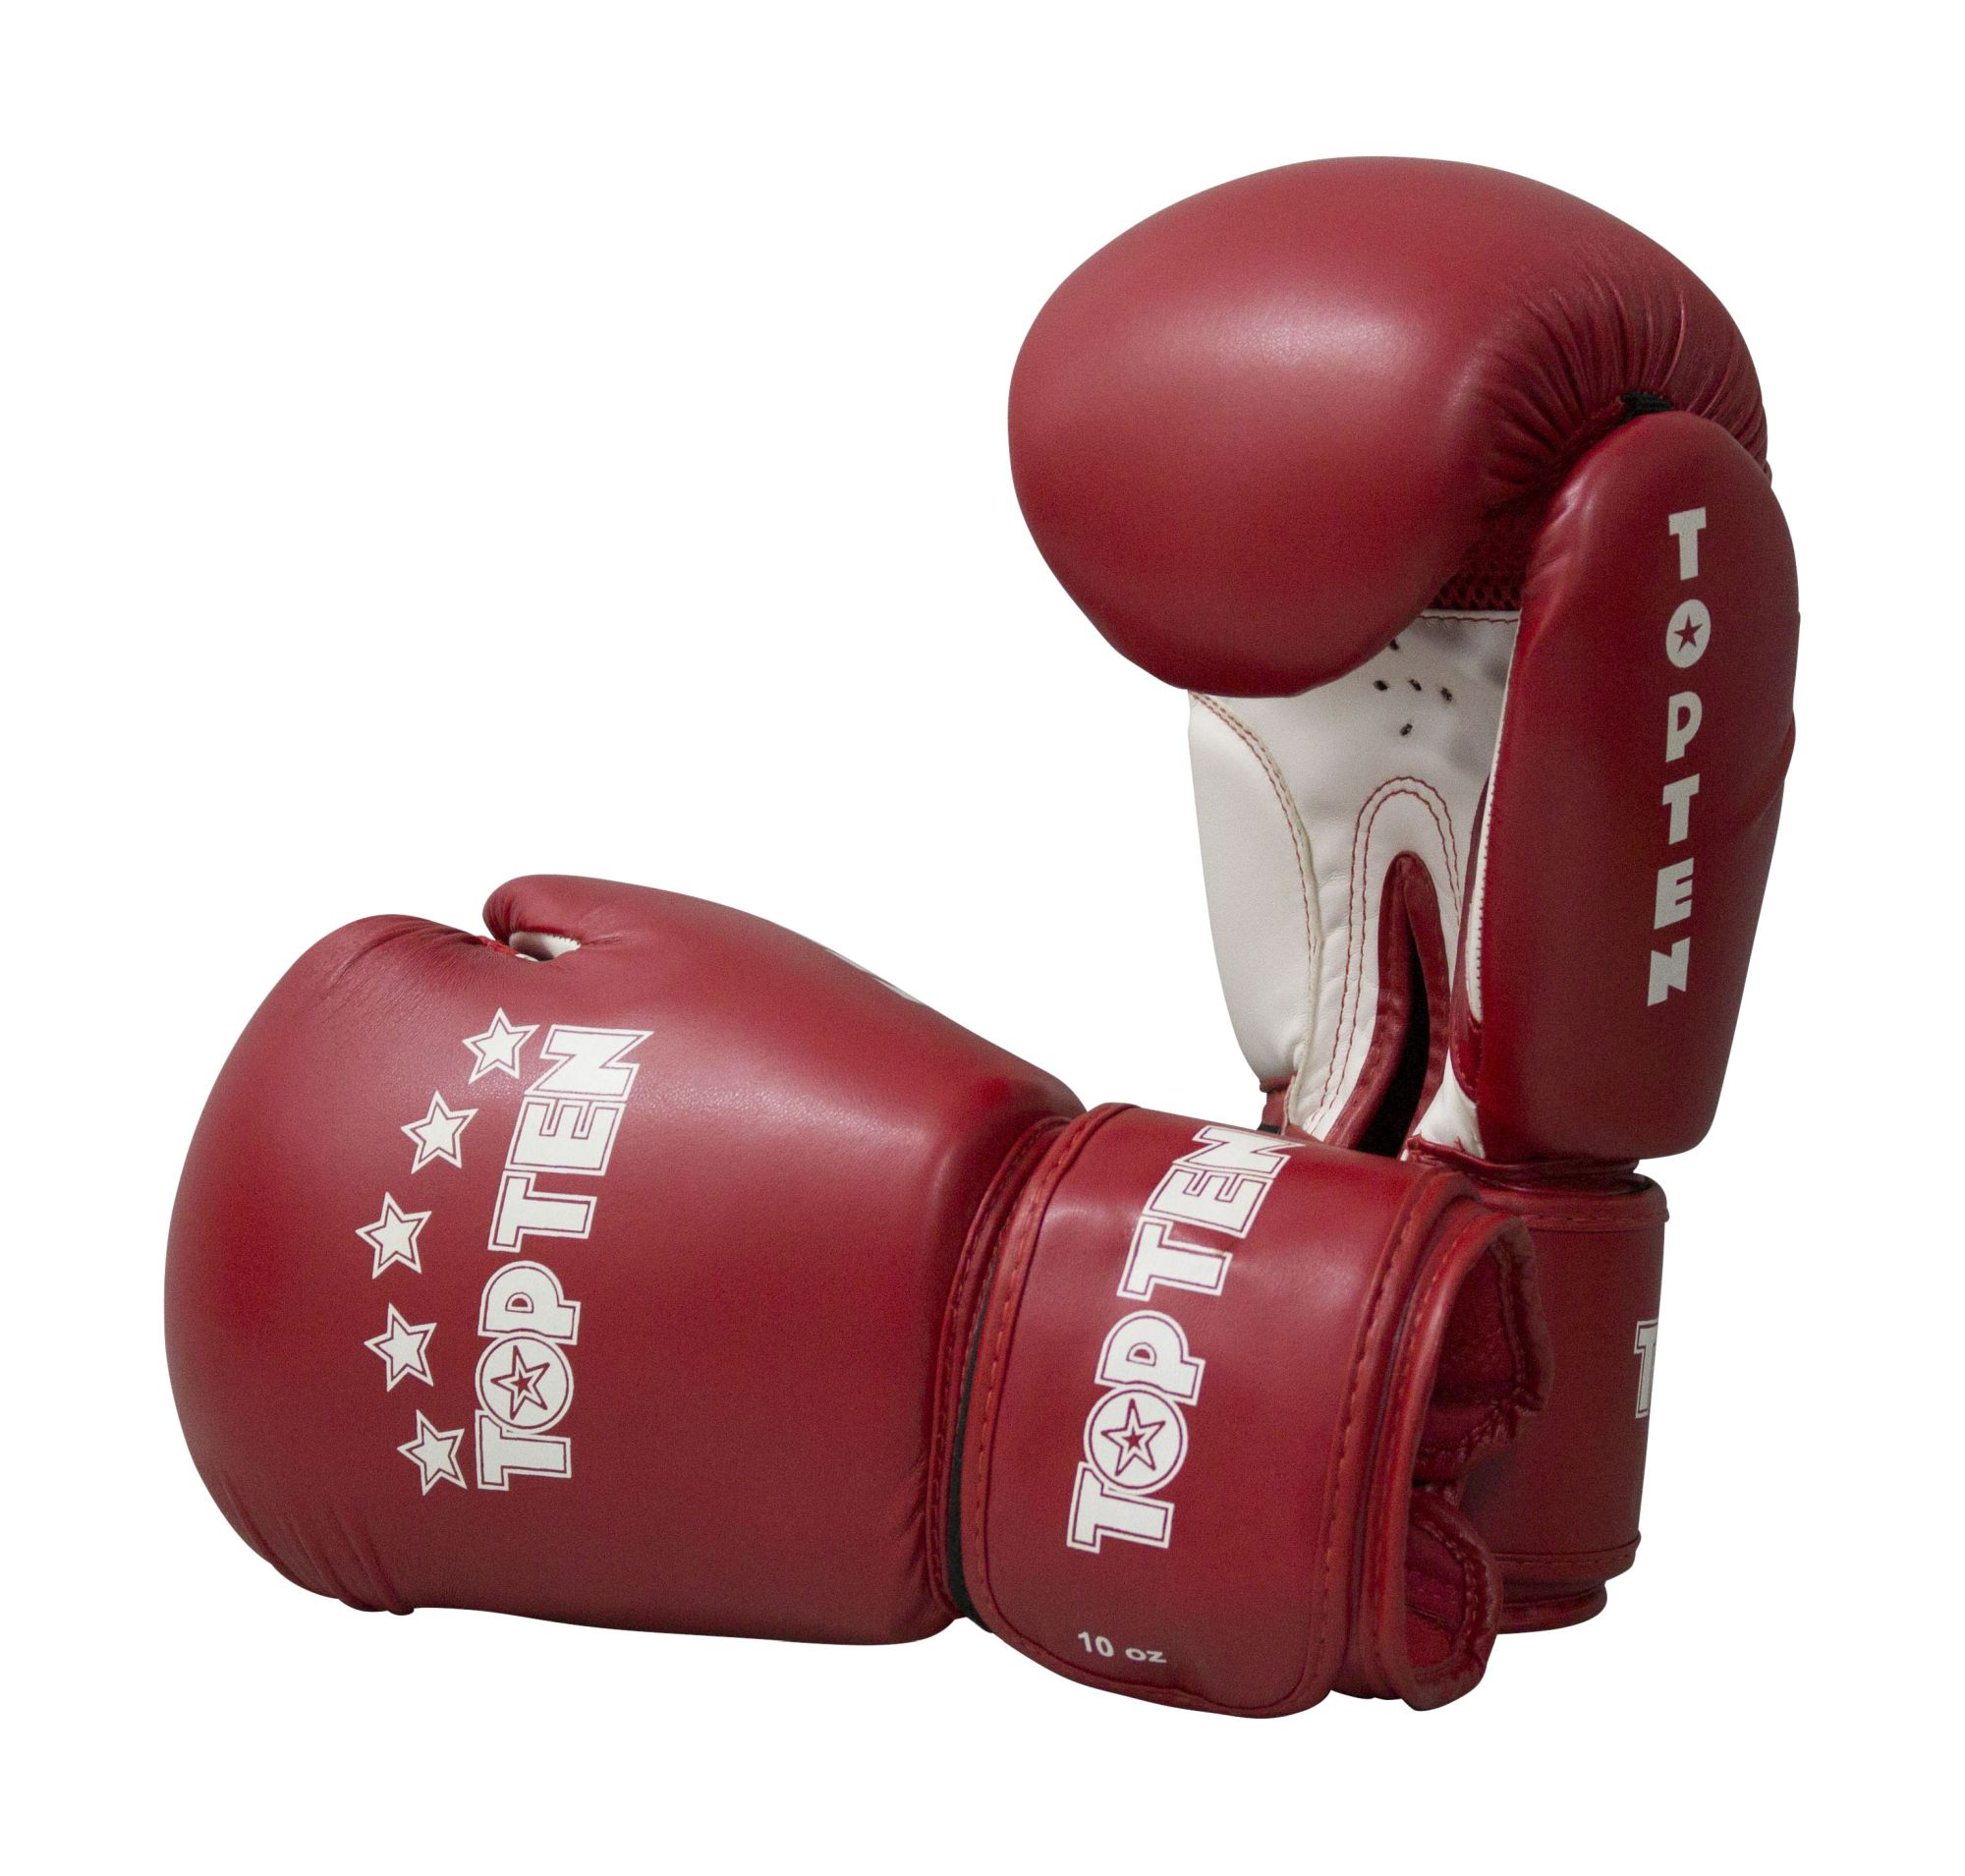 Boxhandschuhe R2M 2016 Rot-Weiss